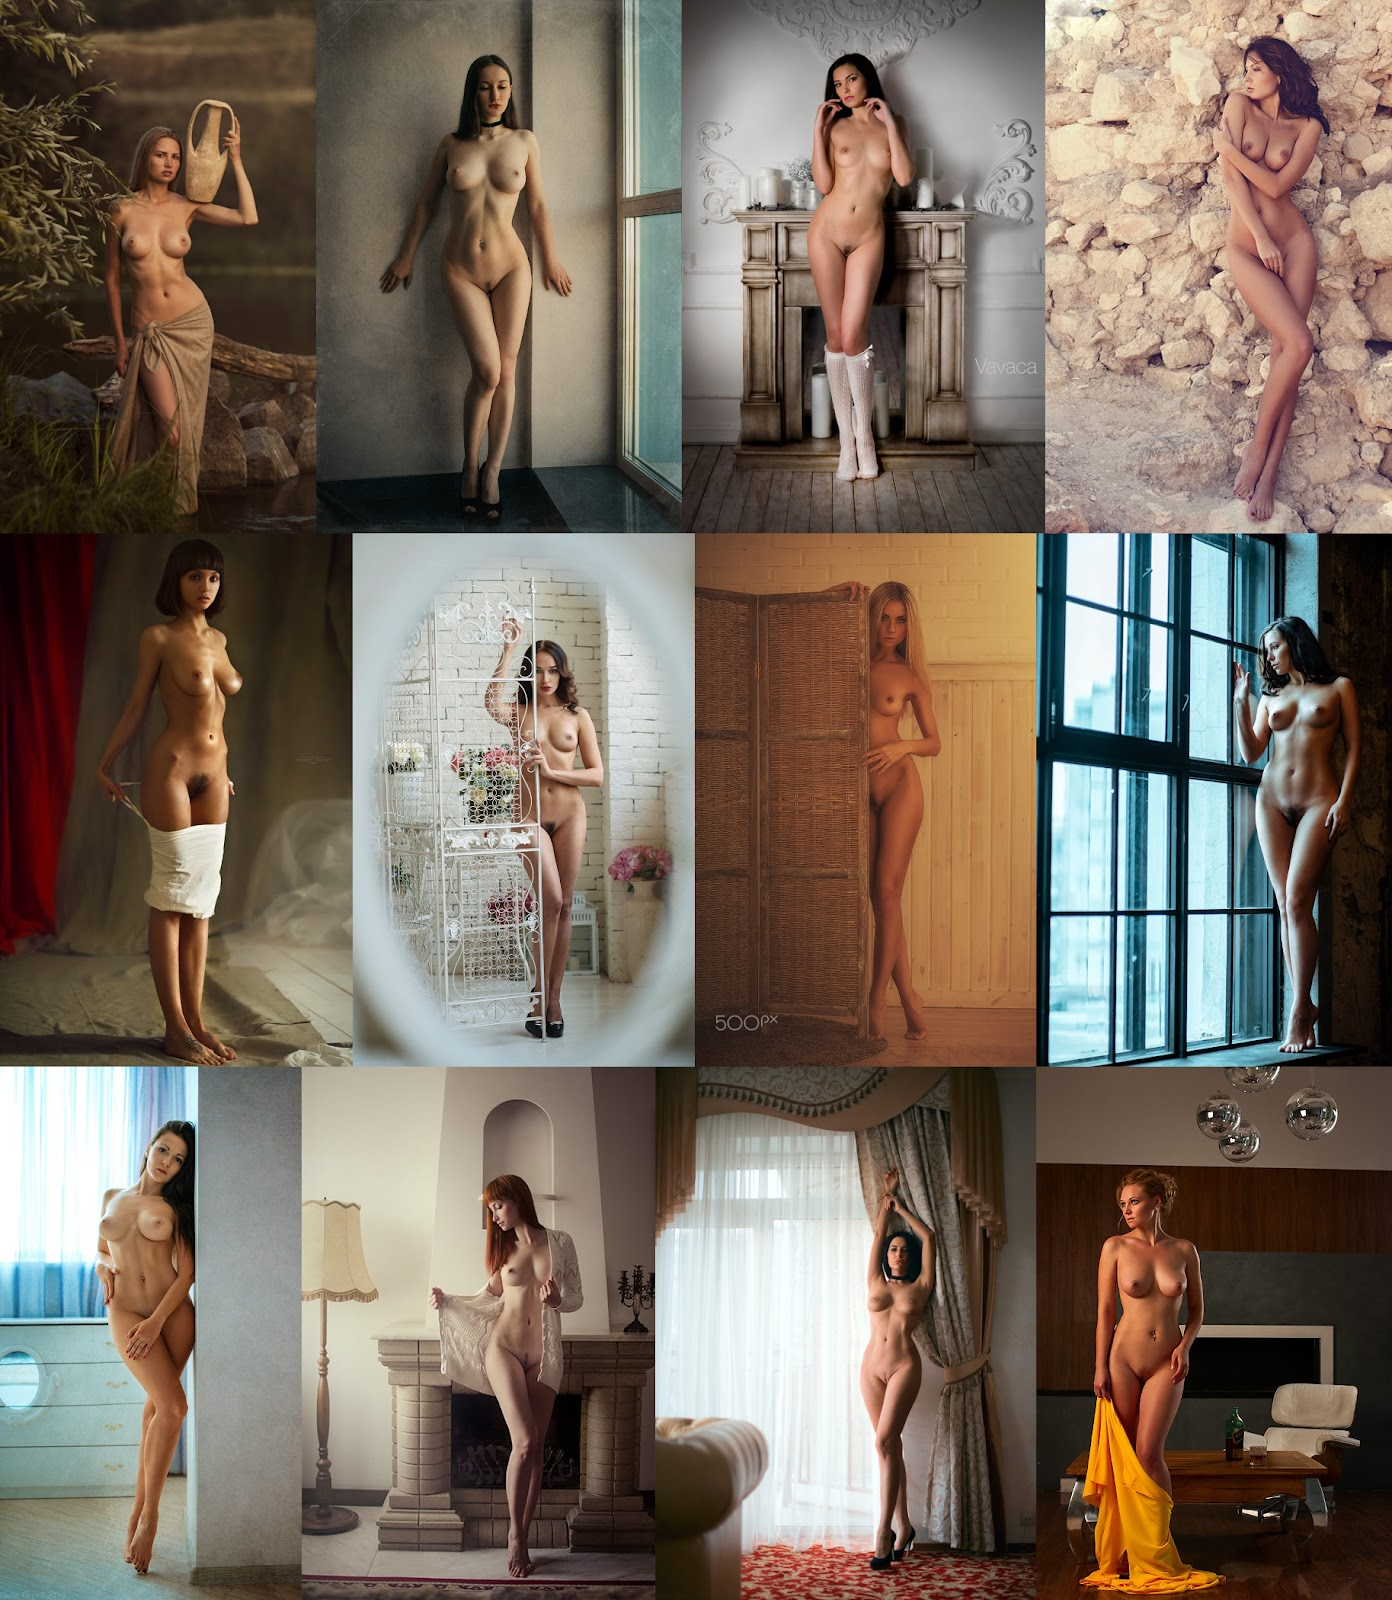 Ei alaston aasi alaiset mallit